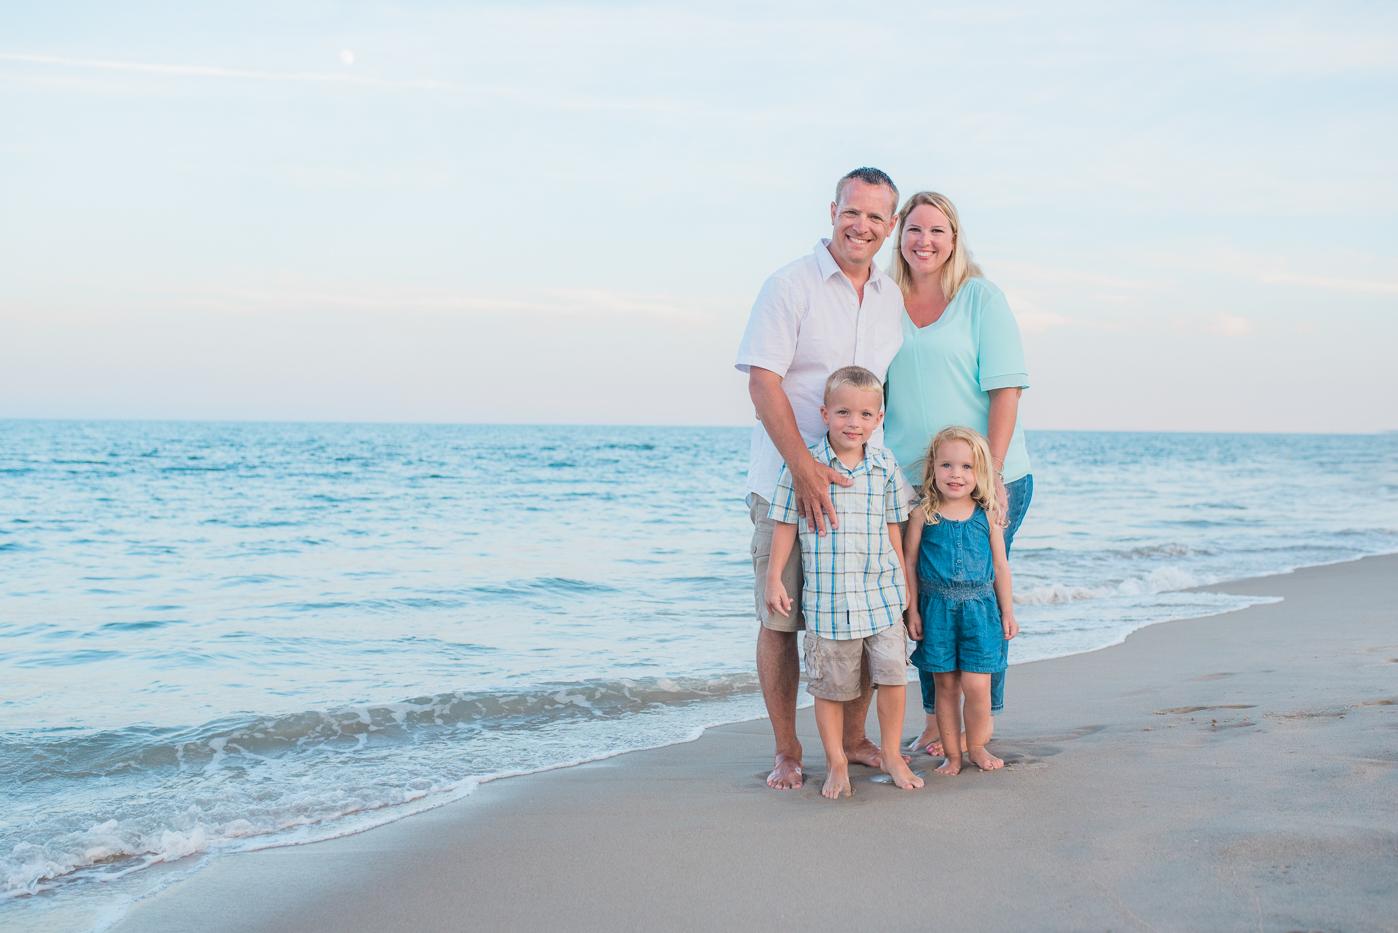 Maryland-Delaware-Beach-Photographer-Breanna-Kuhlmann-8.jpg